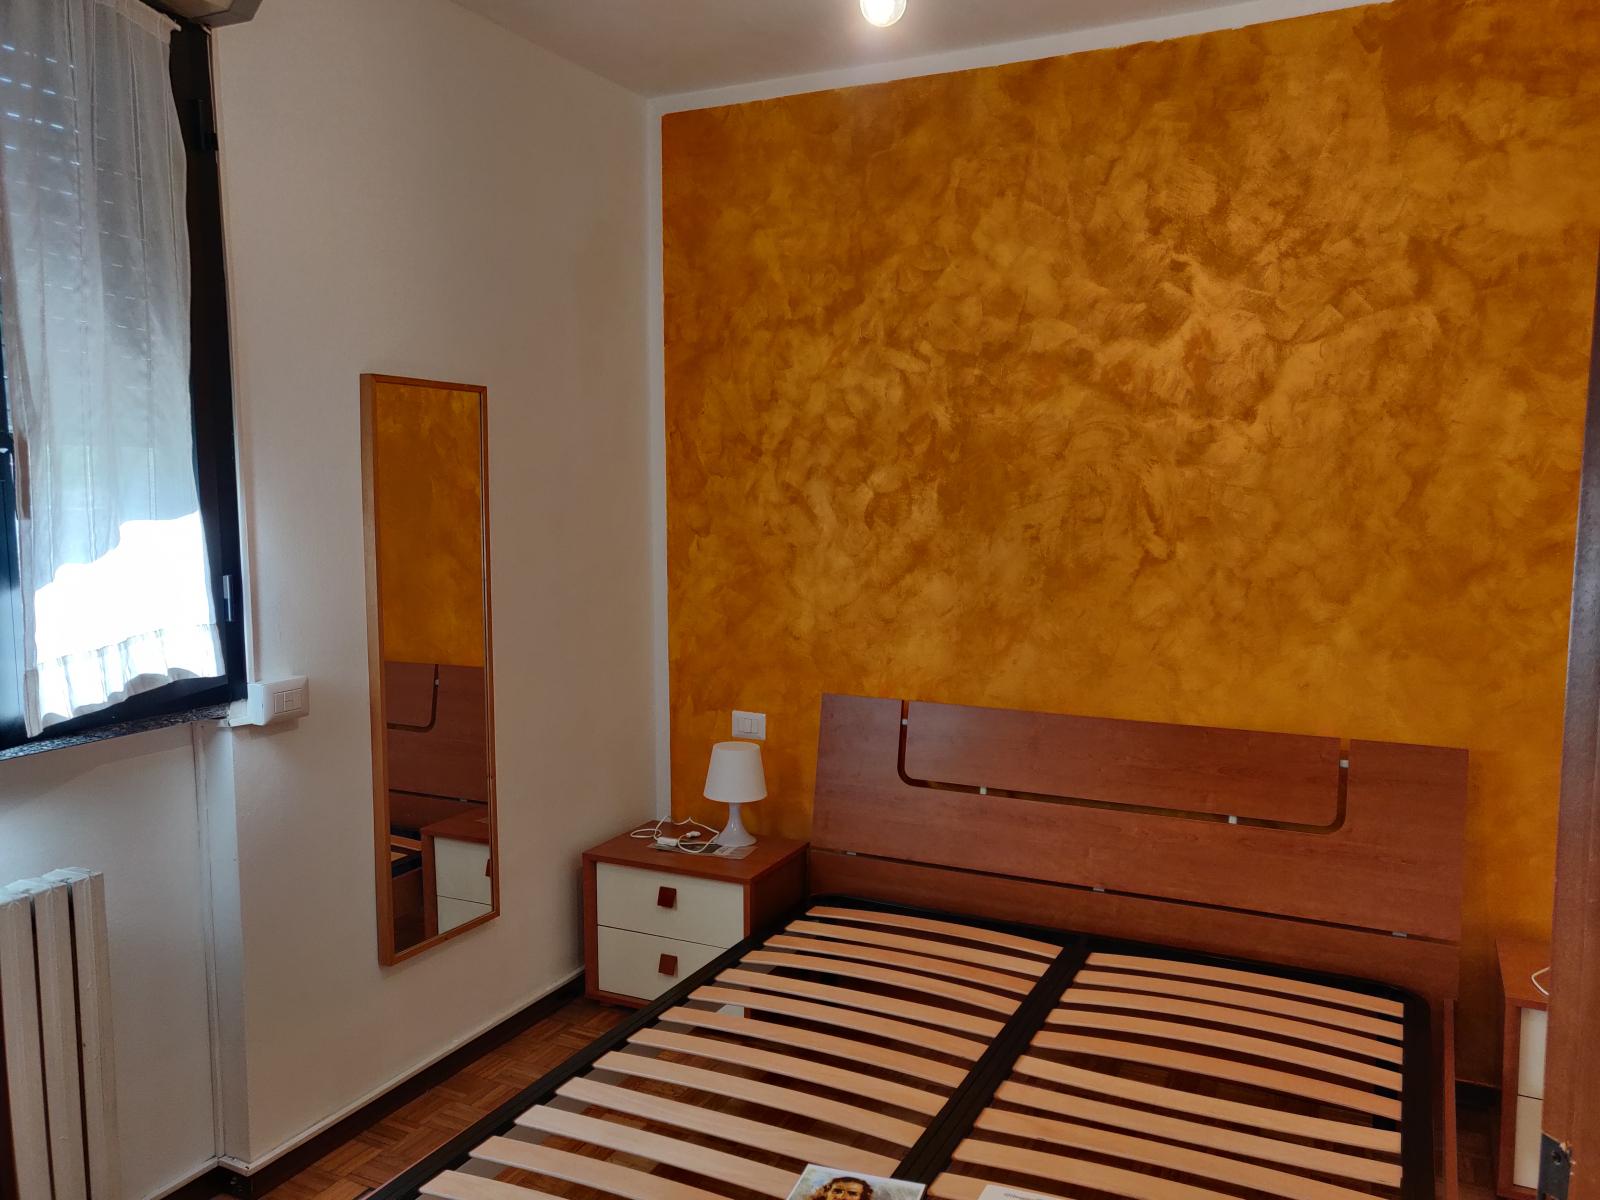 appartamento-in-vendita-bilocale-2-locali-milano-baggio-cividale-del-friuli-spaziourbano-immobiliare-vende-5